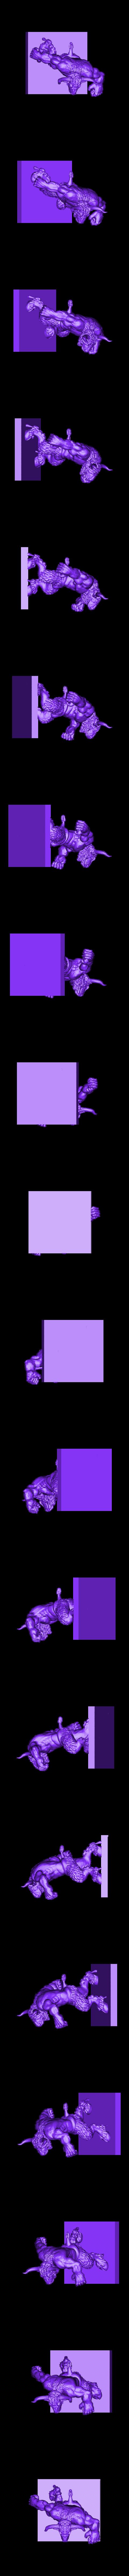 Acc64b77 e953 482a a02c b403751f86b0